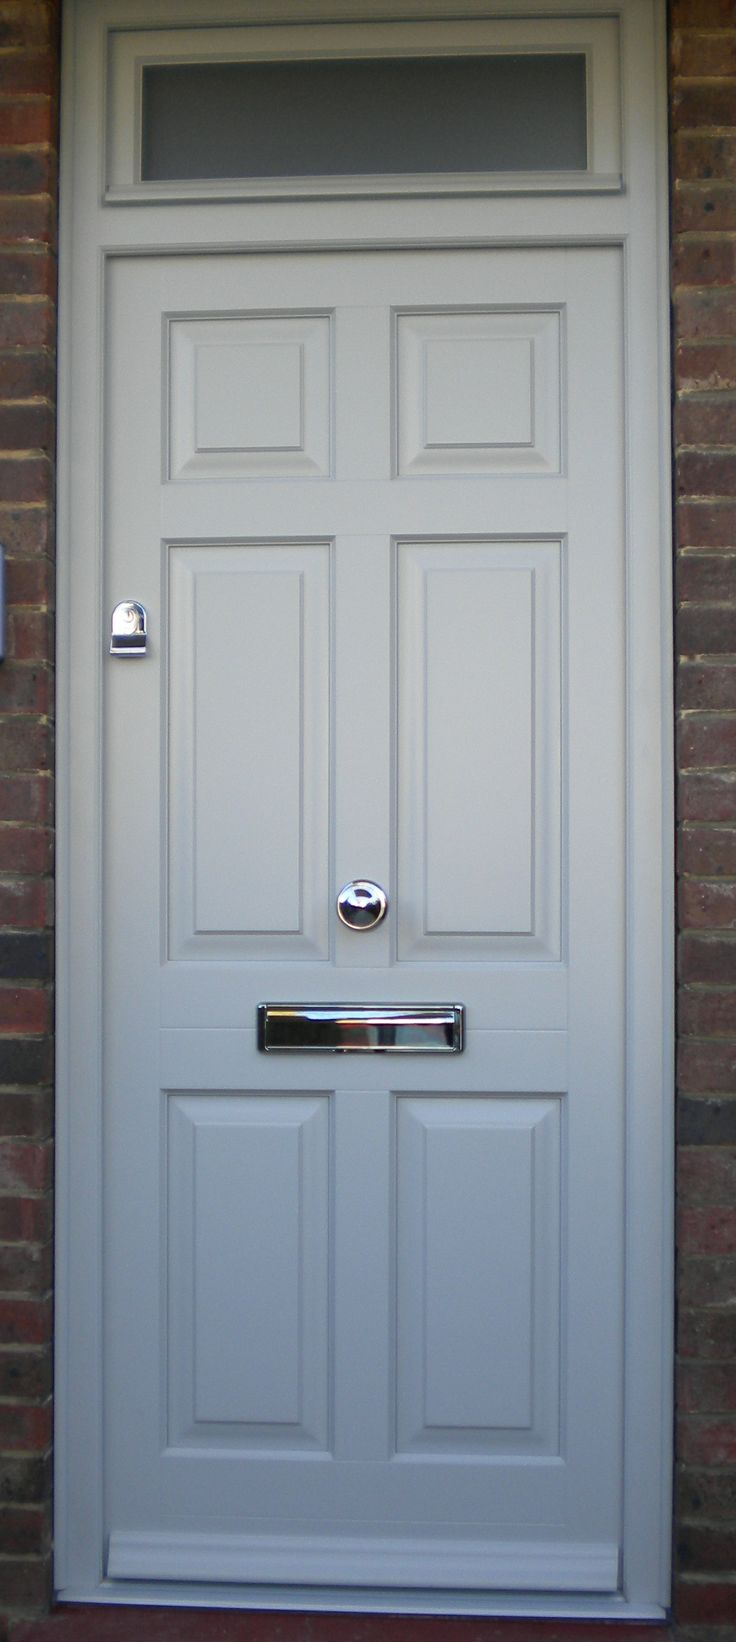 Conventional Front Doors | Front Doors / Entrance Doors | Sash Windows, Timber Windows and Timber Doors | Timber Windows